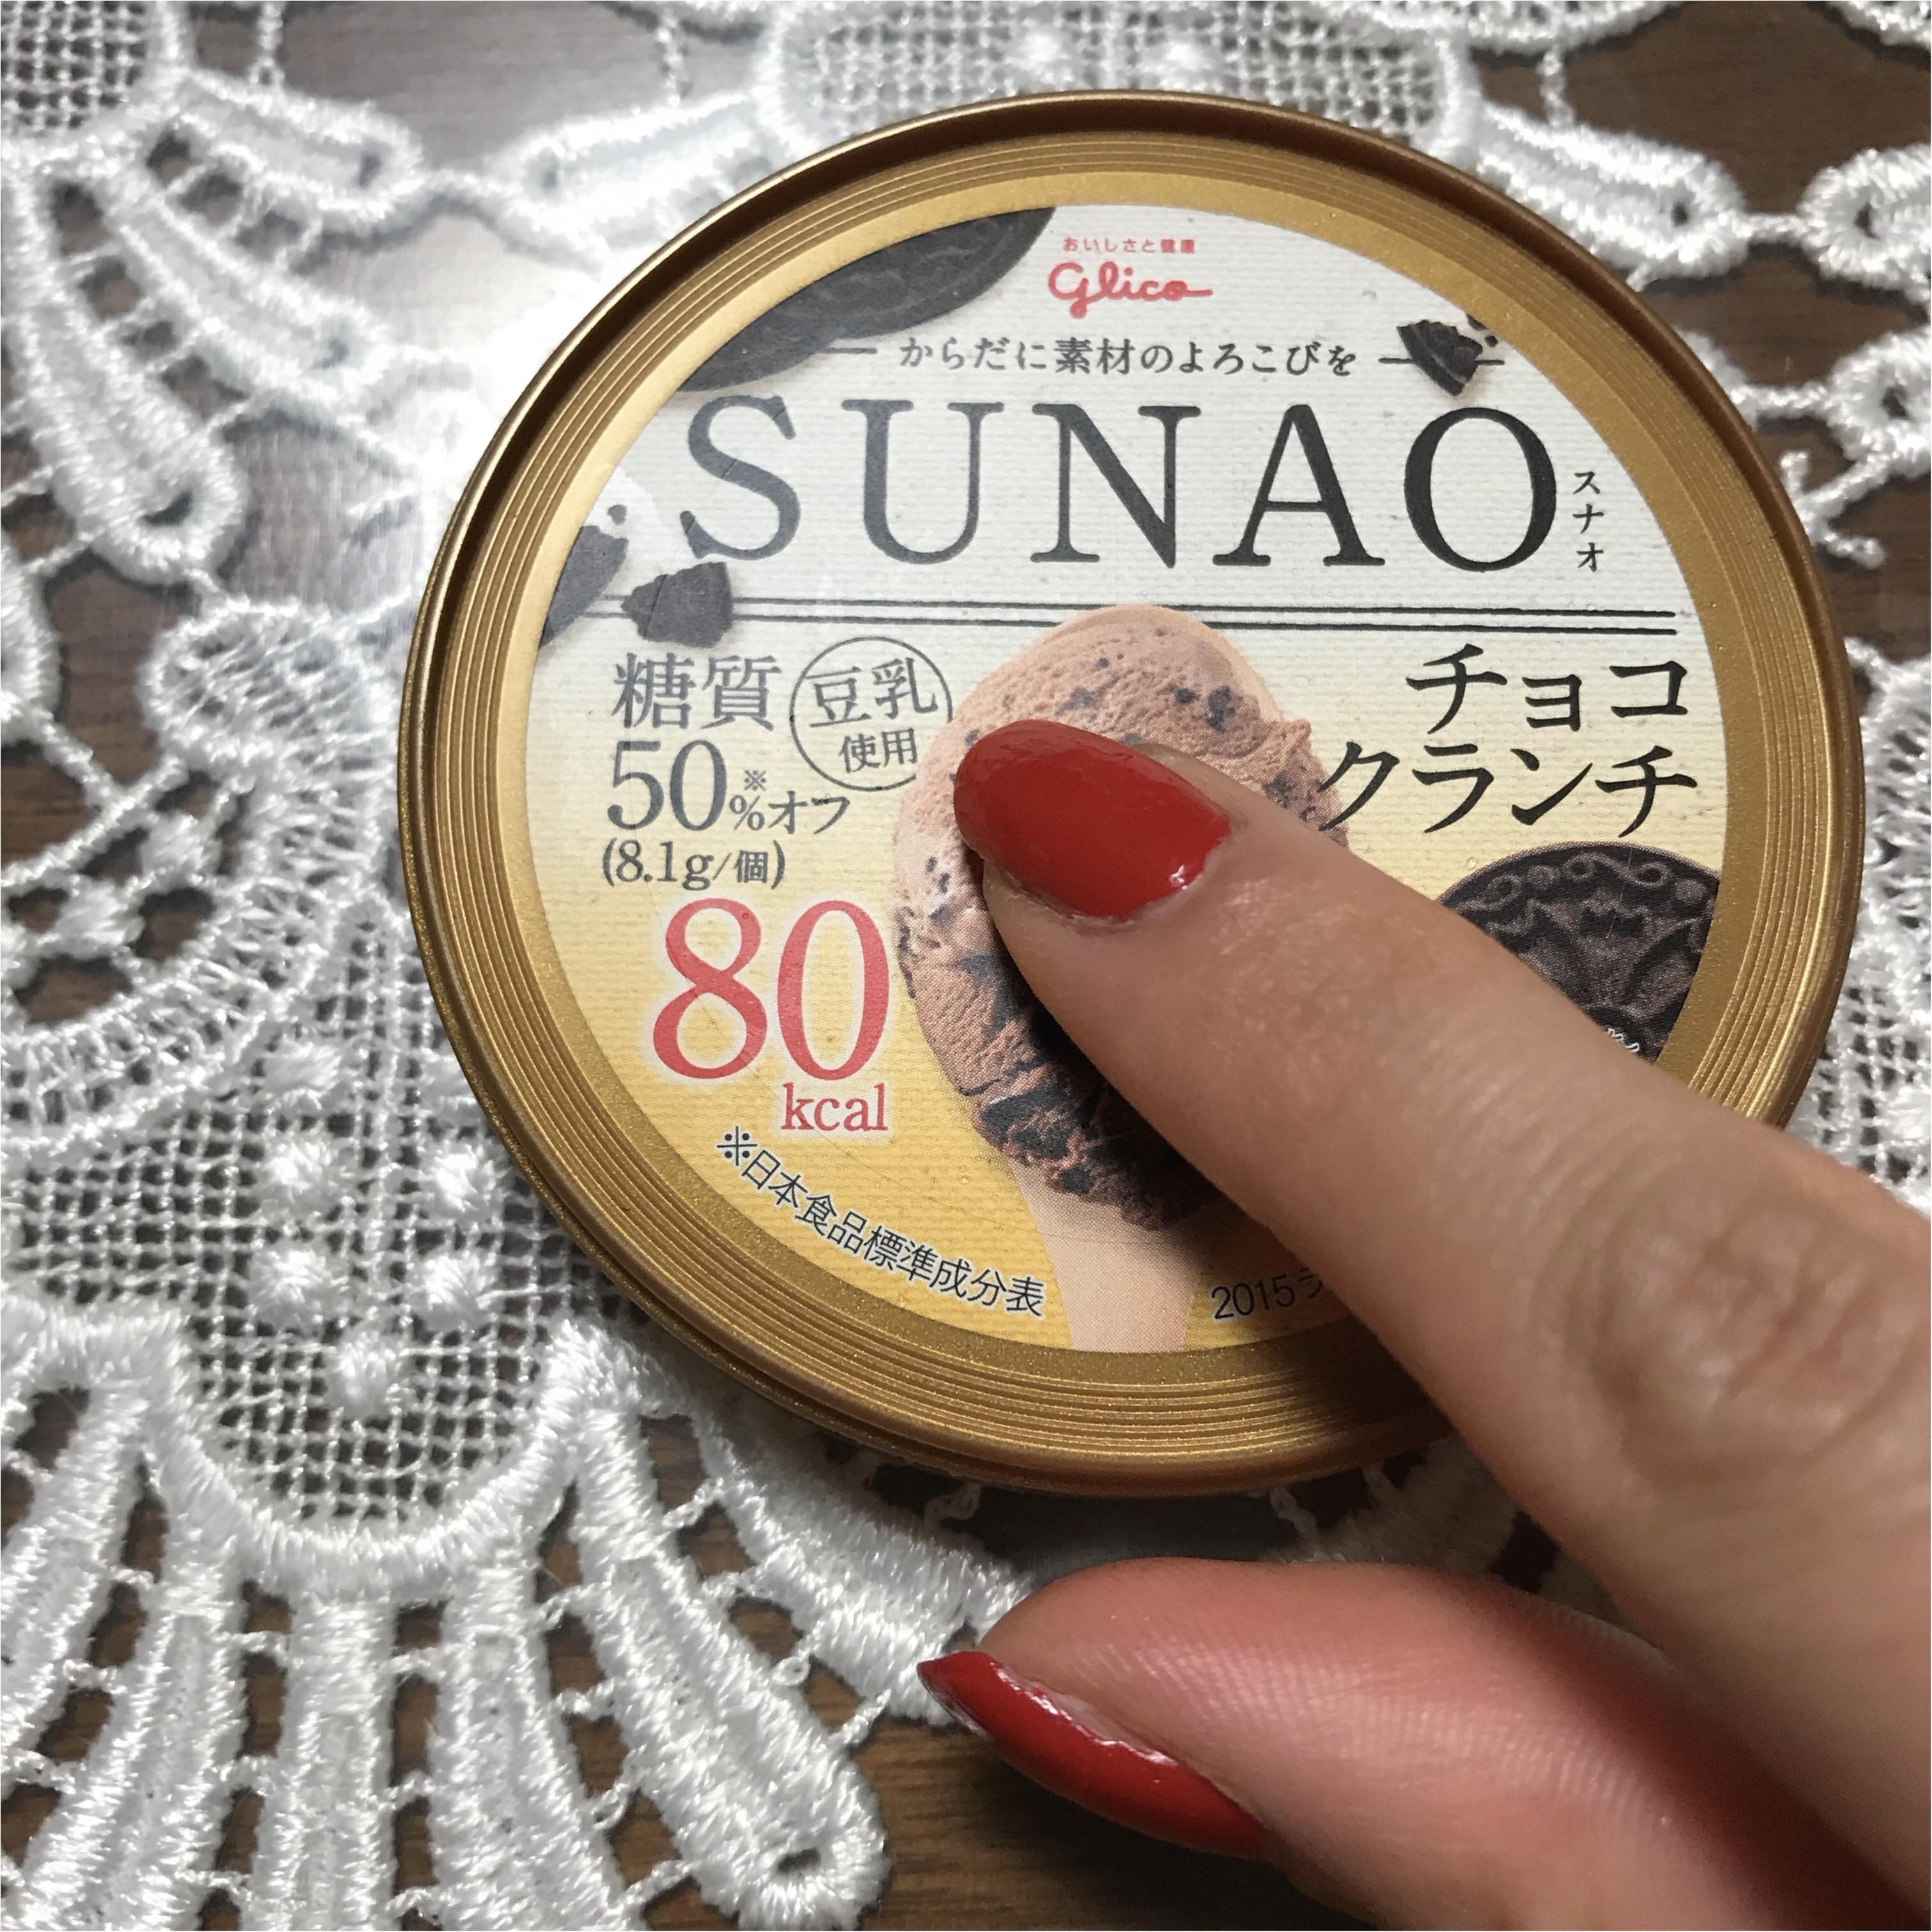 【グルメな話】カラダにもココロにもSUNAOに?!おいしいのにカロリーは80kcal!SUNAOに楽しめるアイスが登場!_2